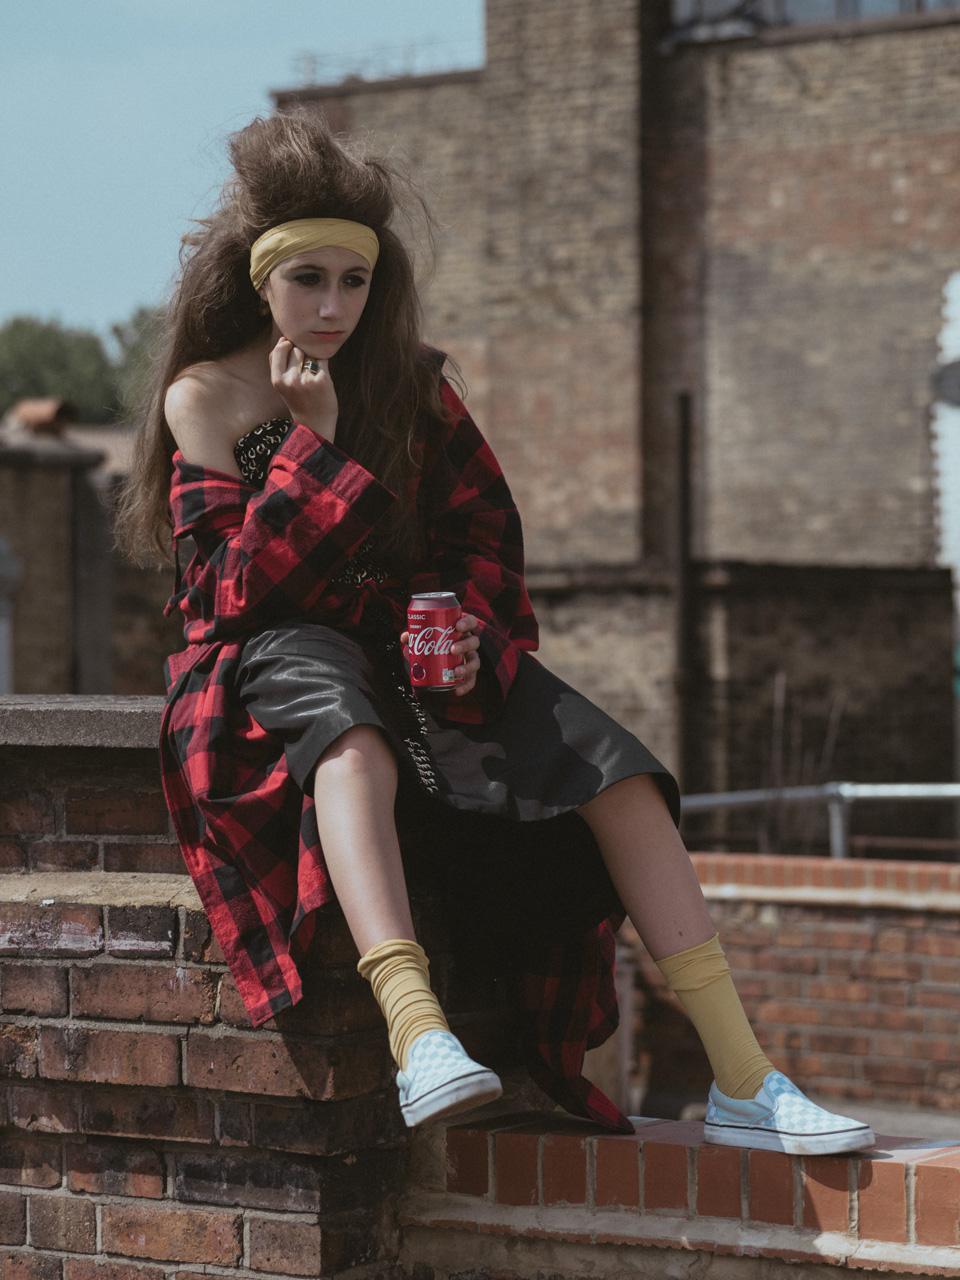 nadiaduca-makeup-artist-adolescence (8).jpg